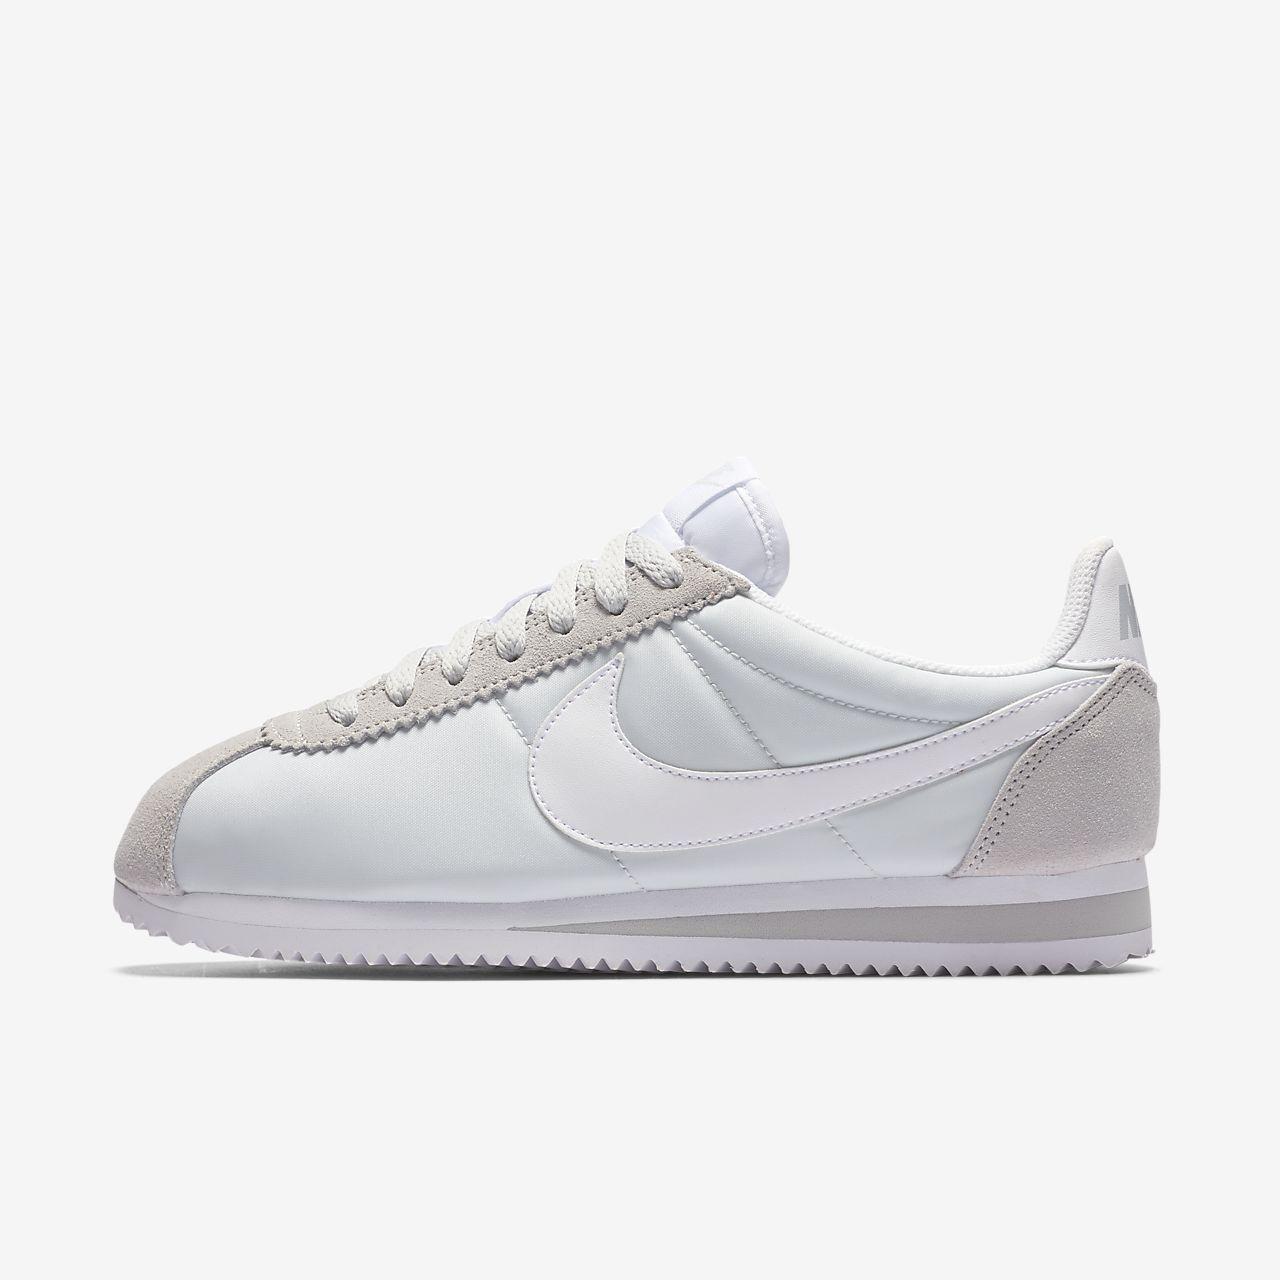 Wmns Nylon Classique Cortez - Chaussures De Sport Pour Femmes / Bleu Nike dOy9P